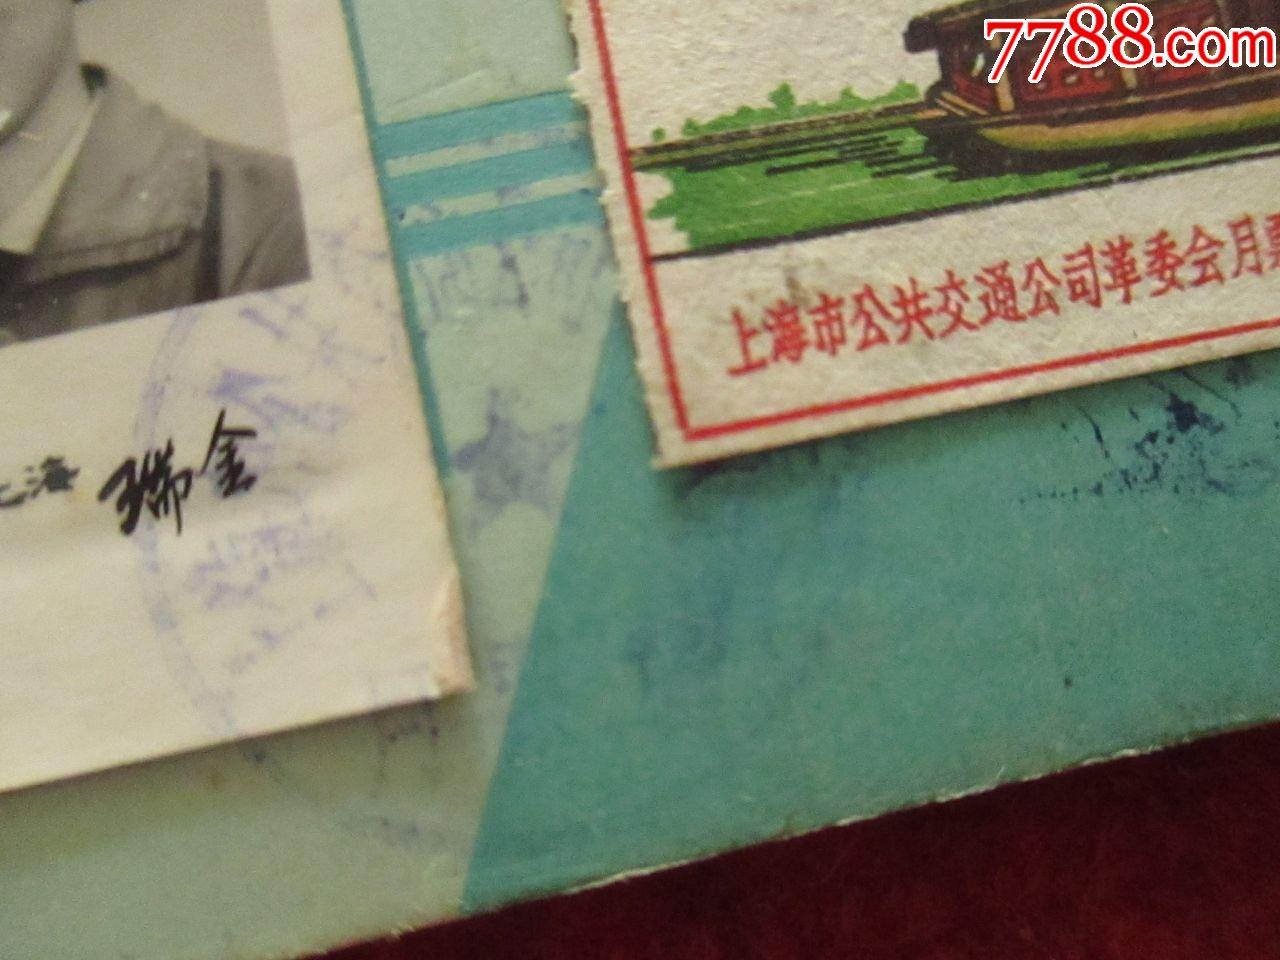 1969年上海市公共交通公司月票卡(7-8月)两枚带照片为同一人_第5张_